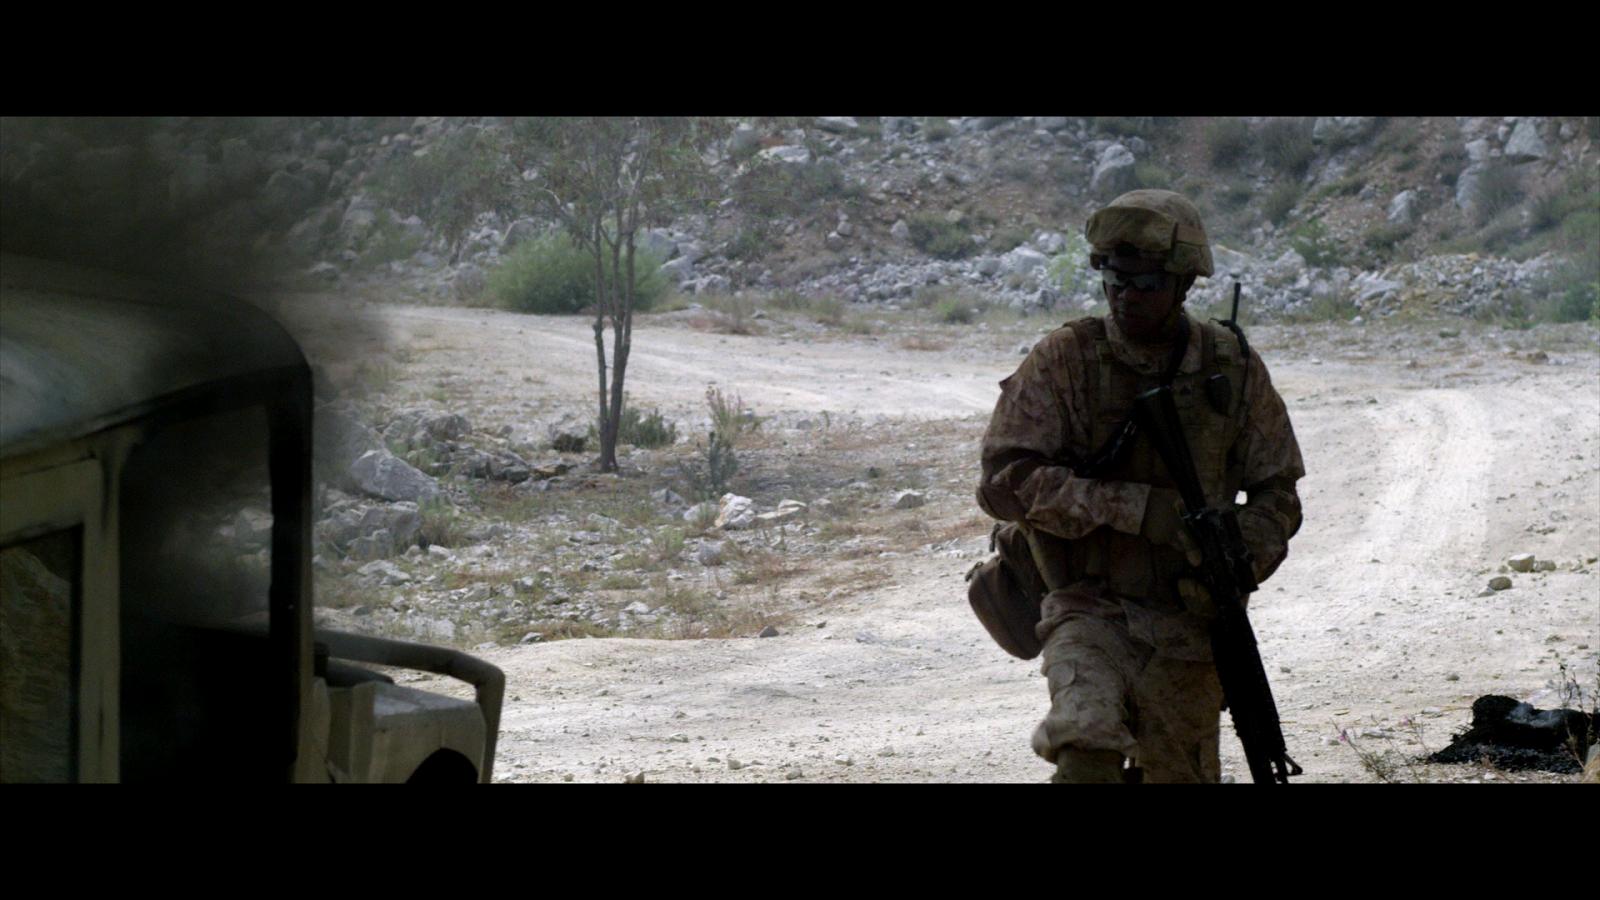 Soldado Anonimo 2 Terreno Peligroso (2014) 1080p BD25 8